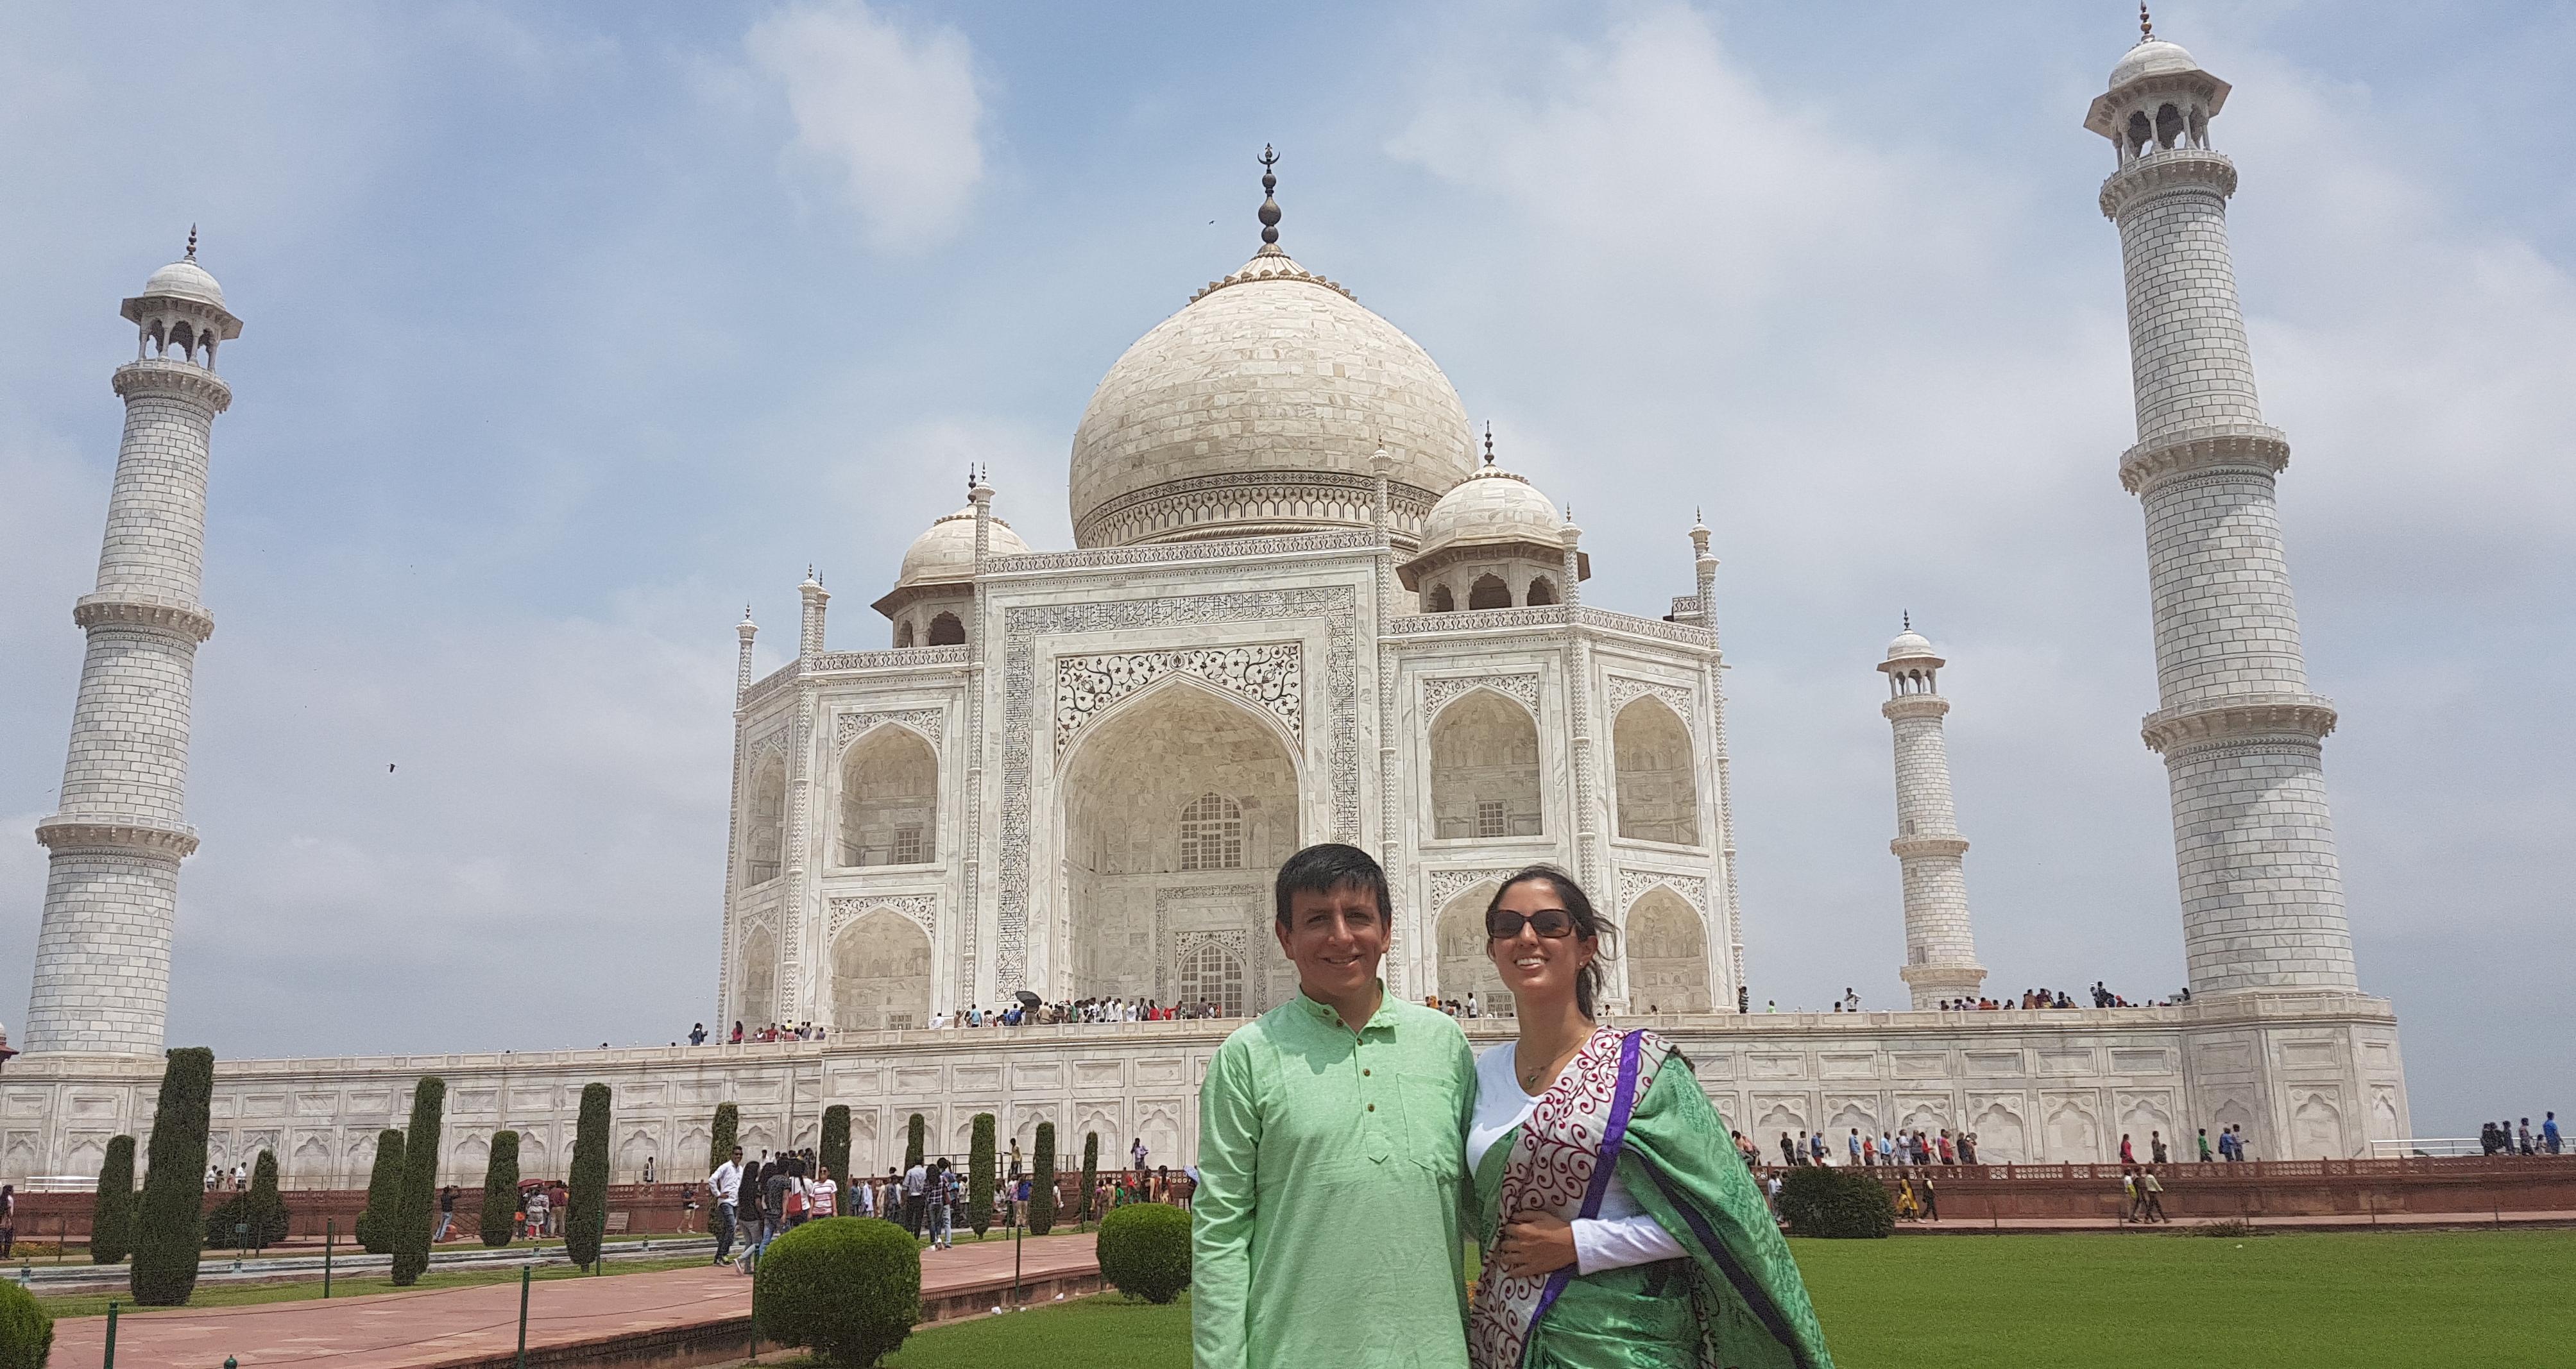 Taj Majal. Agra, India